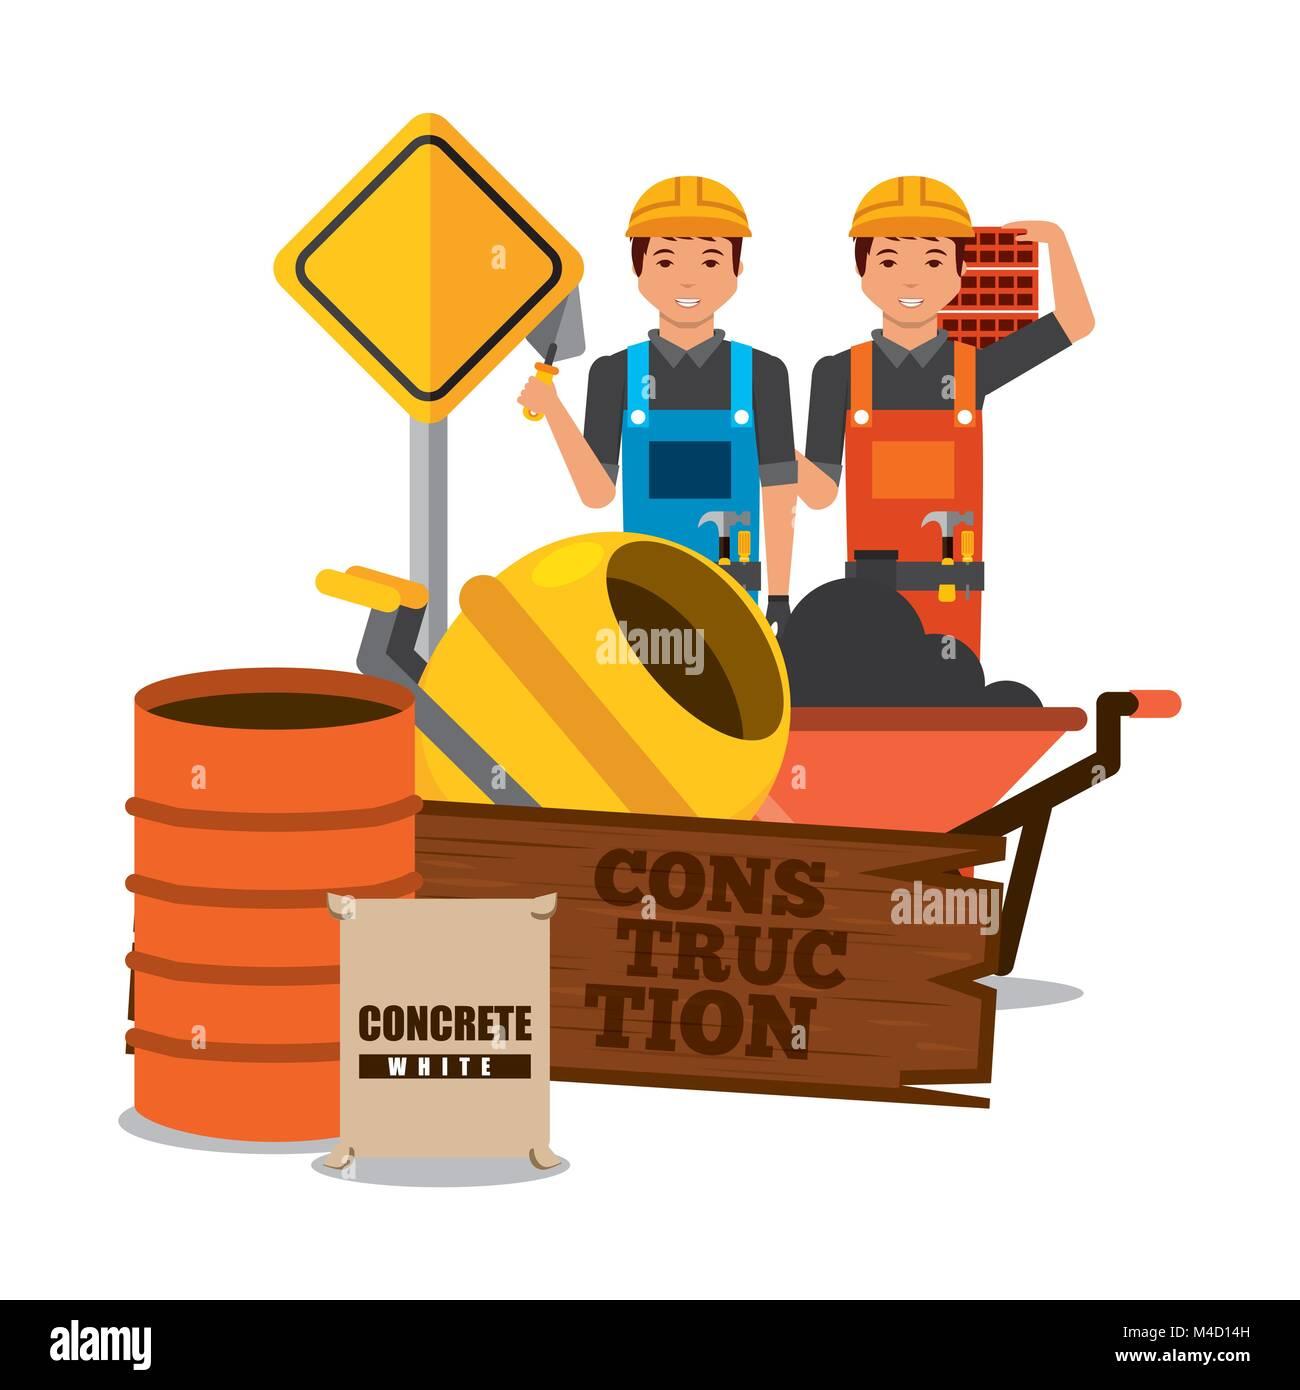 Barrel Brush Stockfotos & Barrel Brush Bilder - Alamy